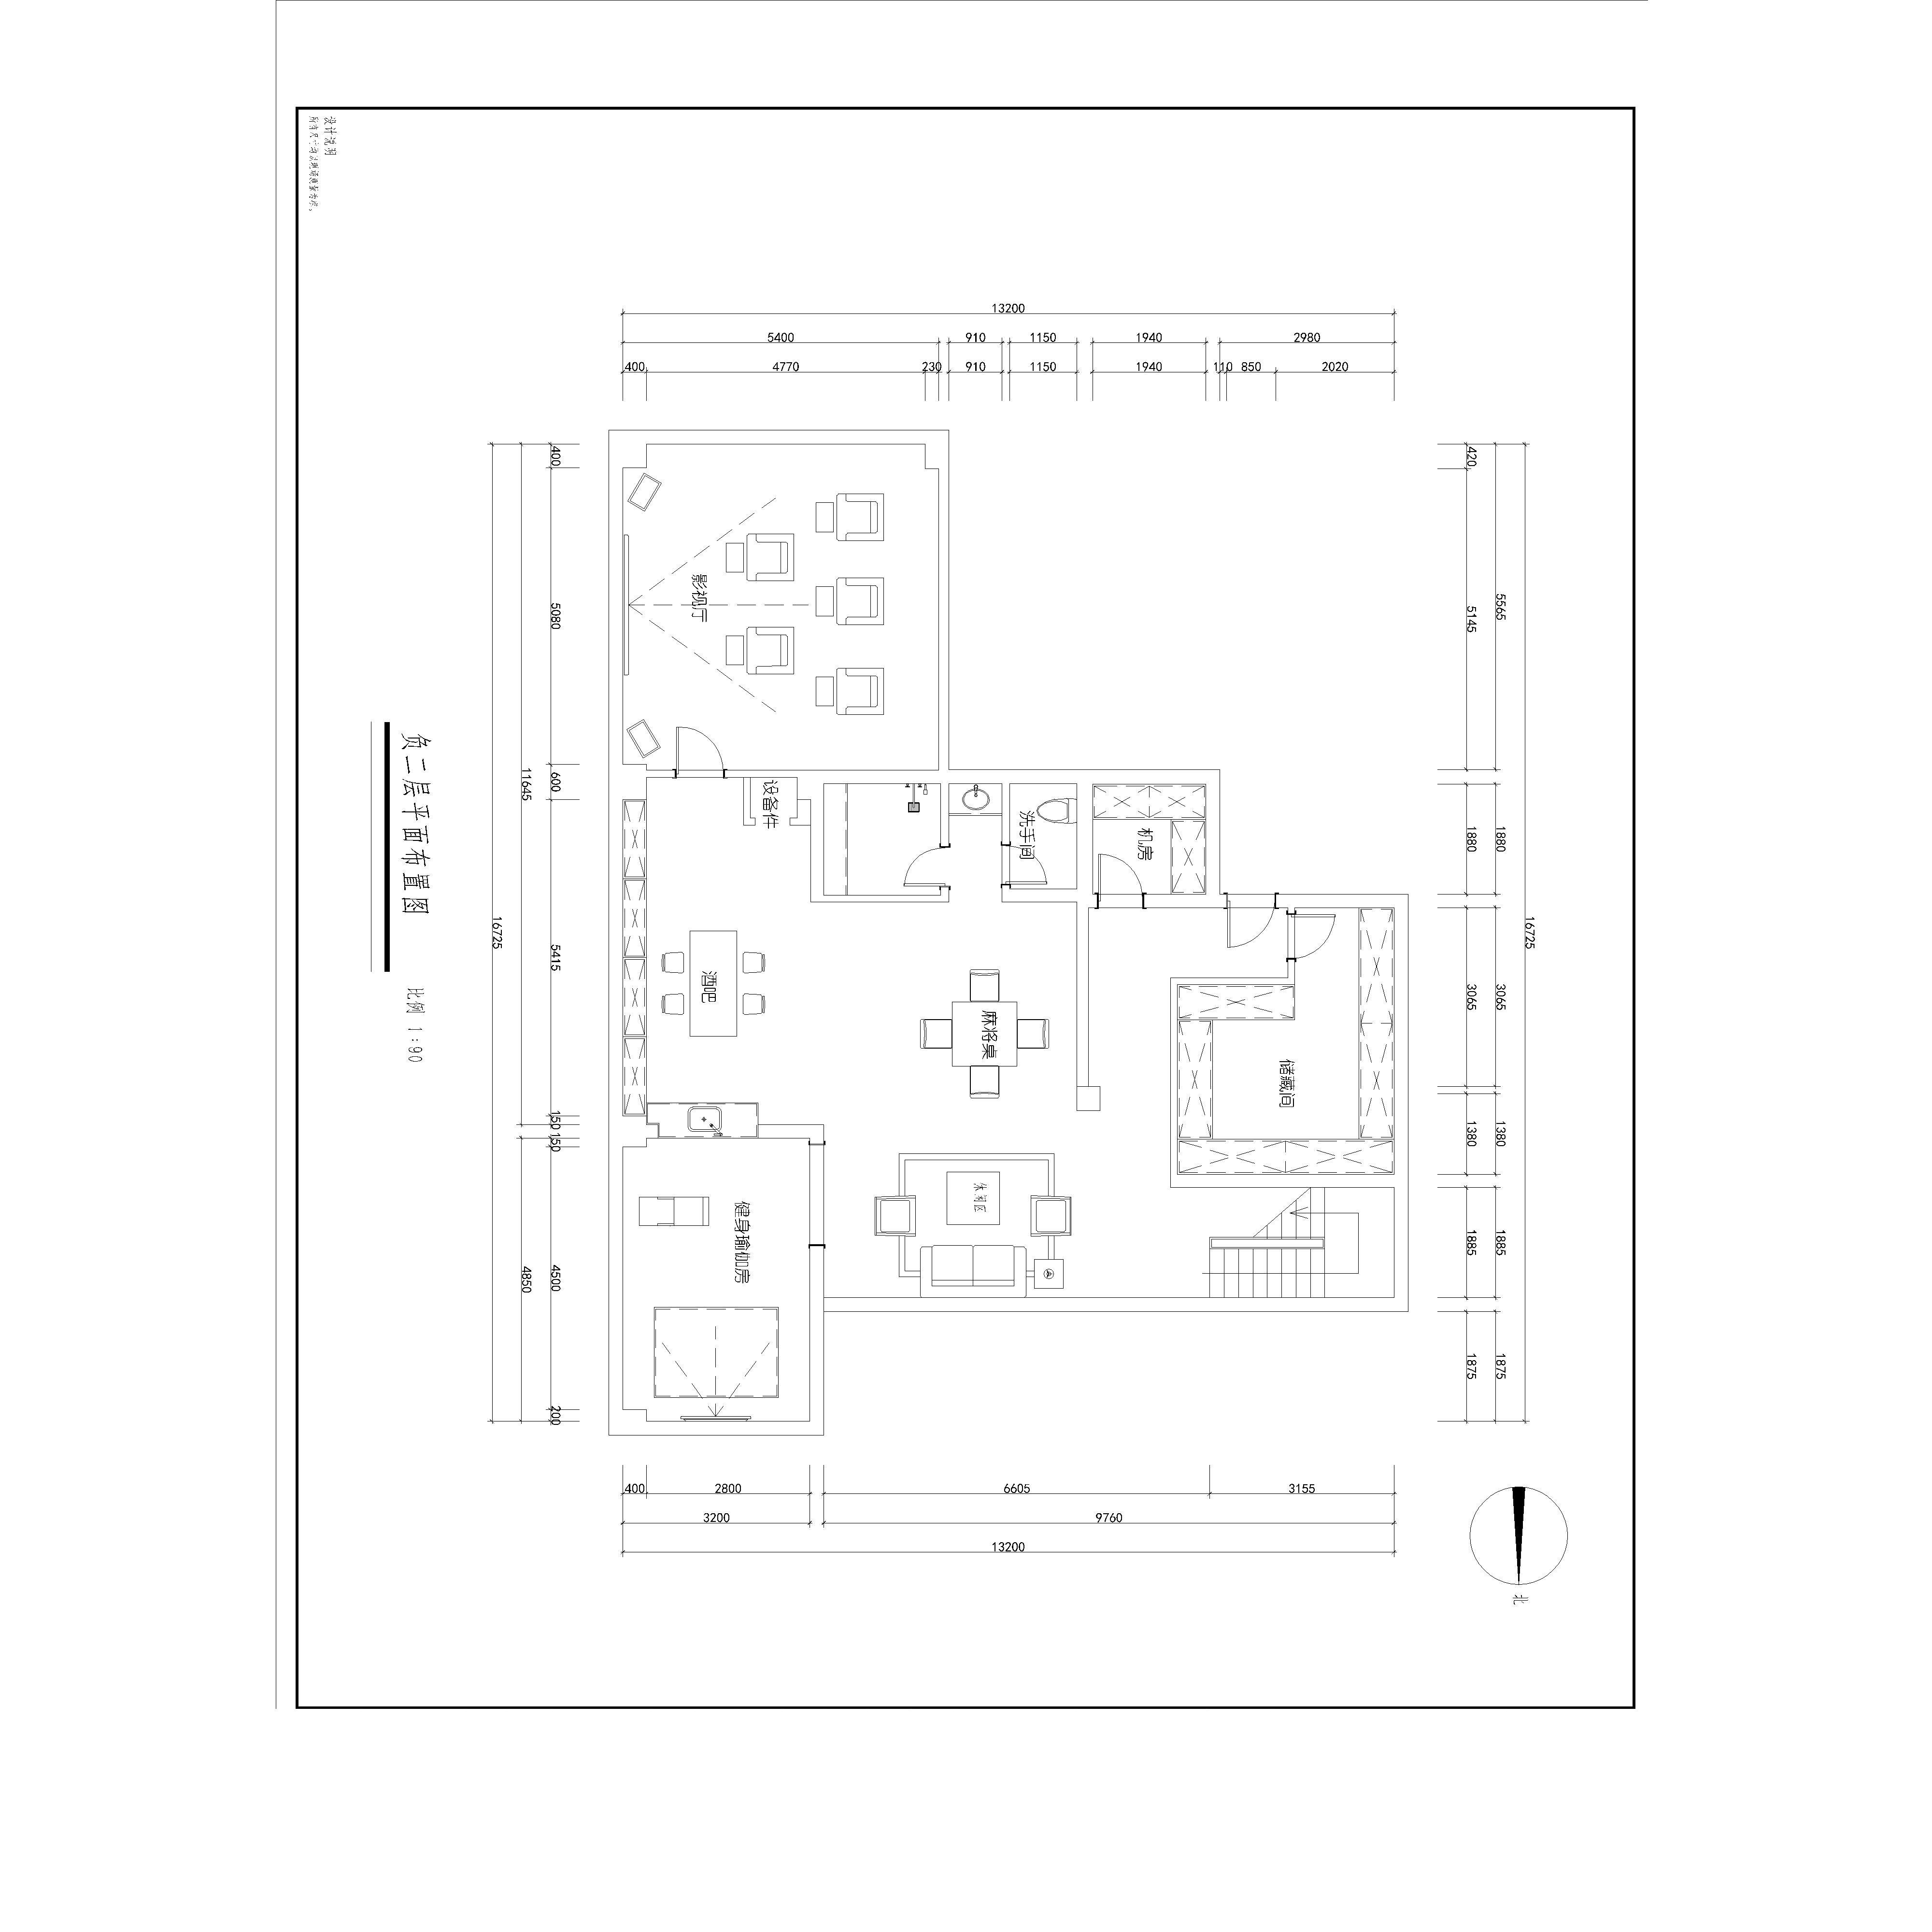 海珀澜庭 新古典风格装修效果图 别墅 450㎡装修设计理念